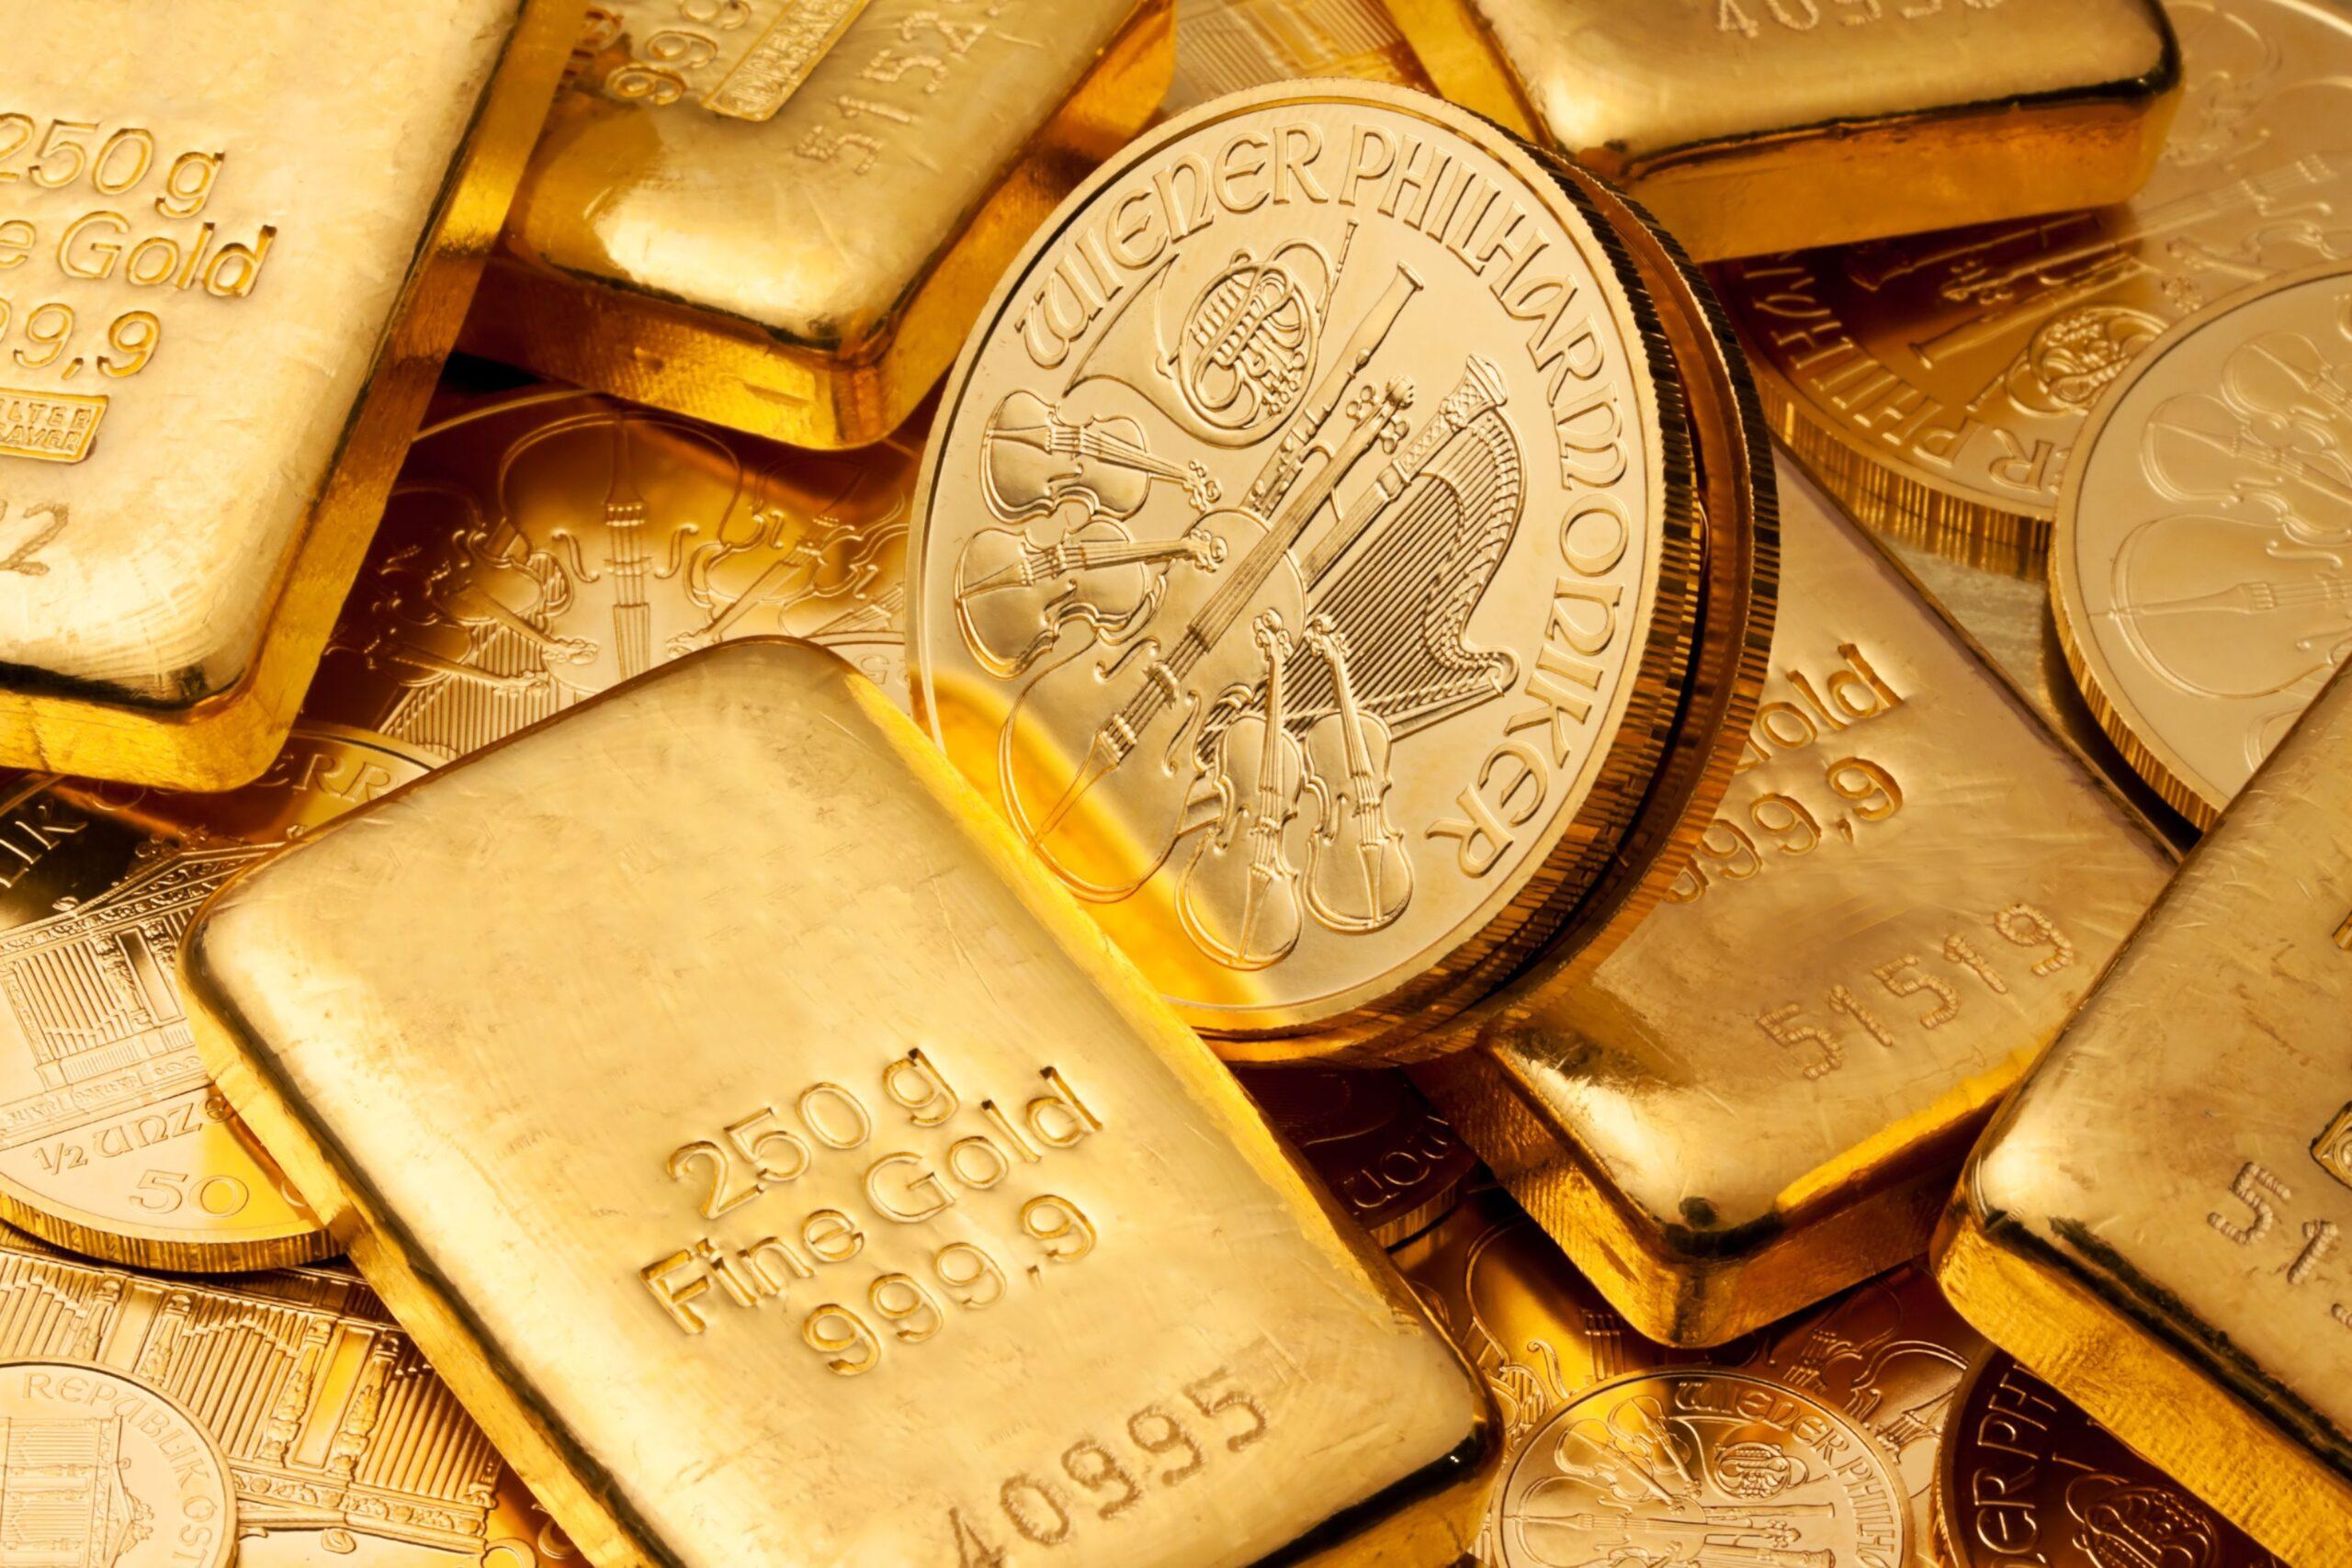 إصرار ثيران الذهب على الشراء